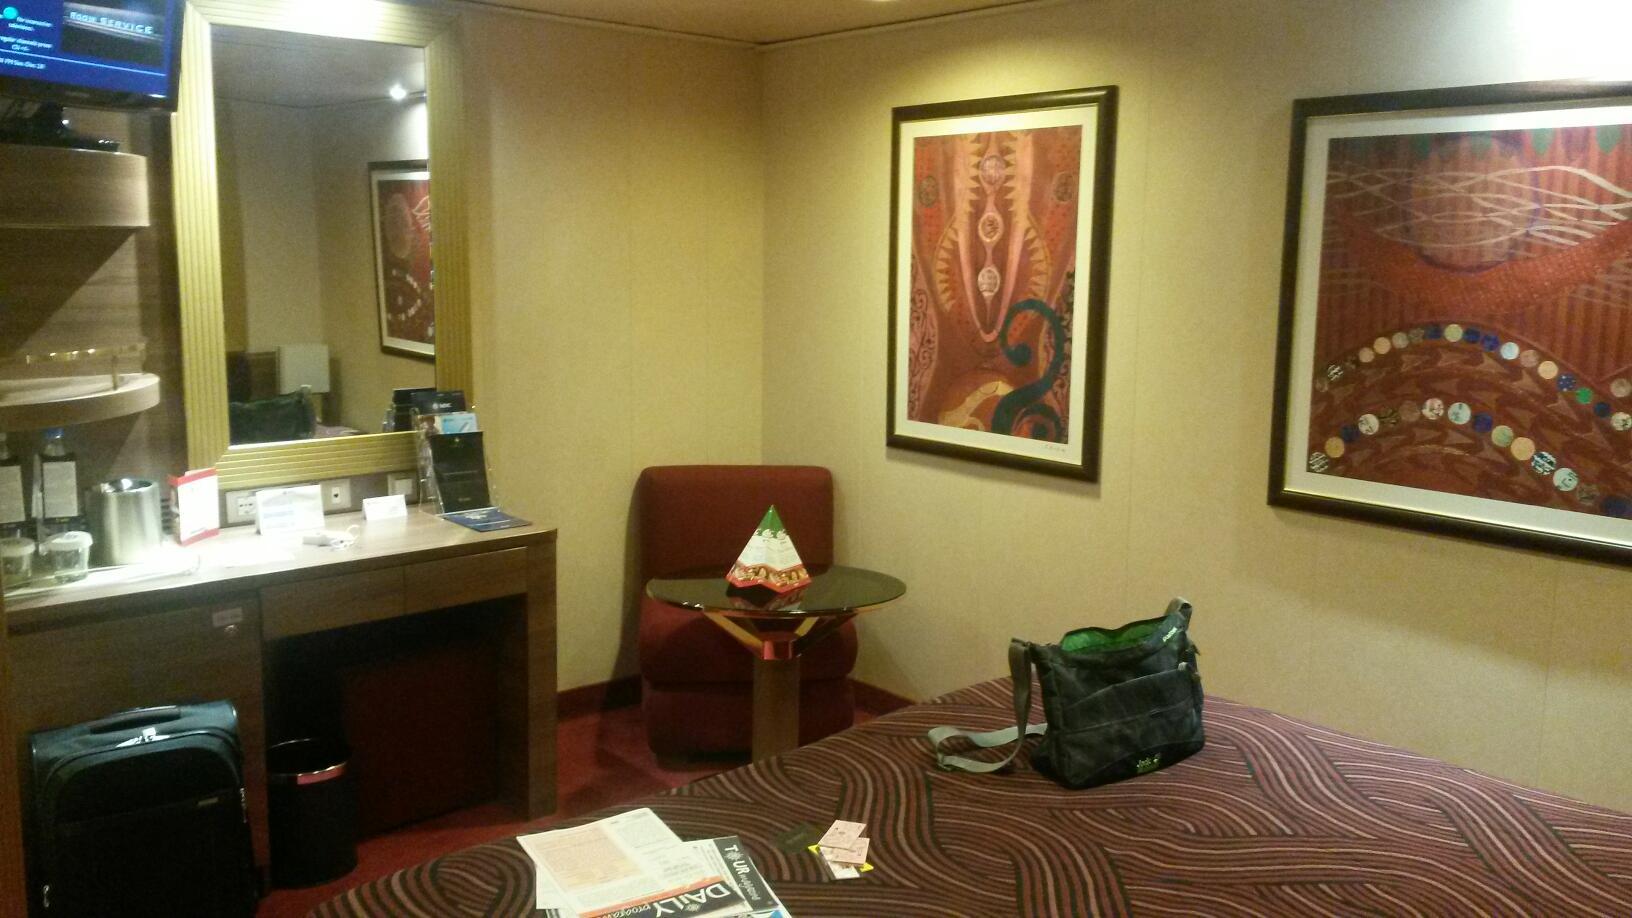 Interior Stateroom, Cabin Category I2, MSC Splendida